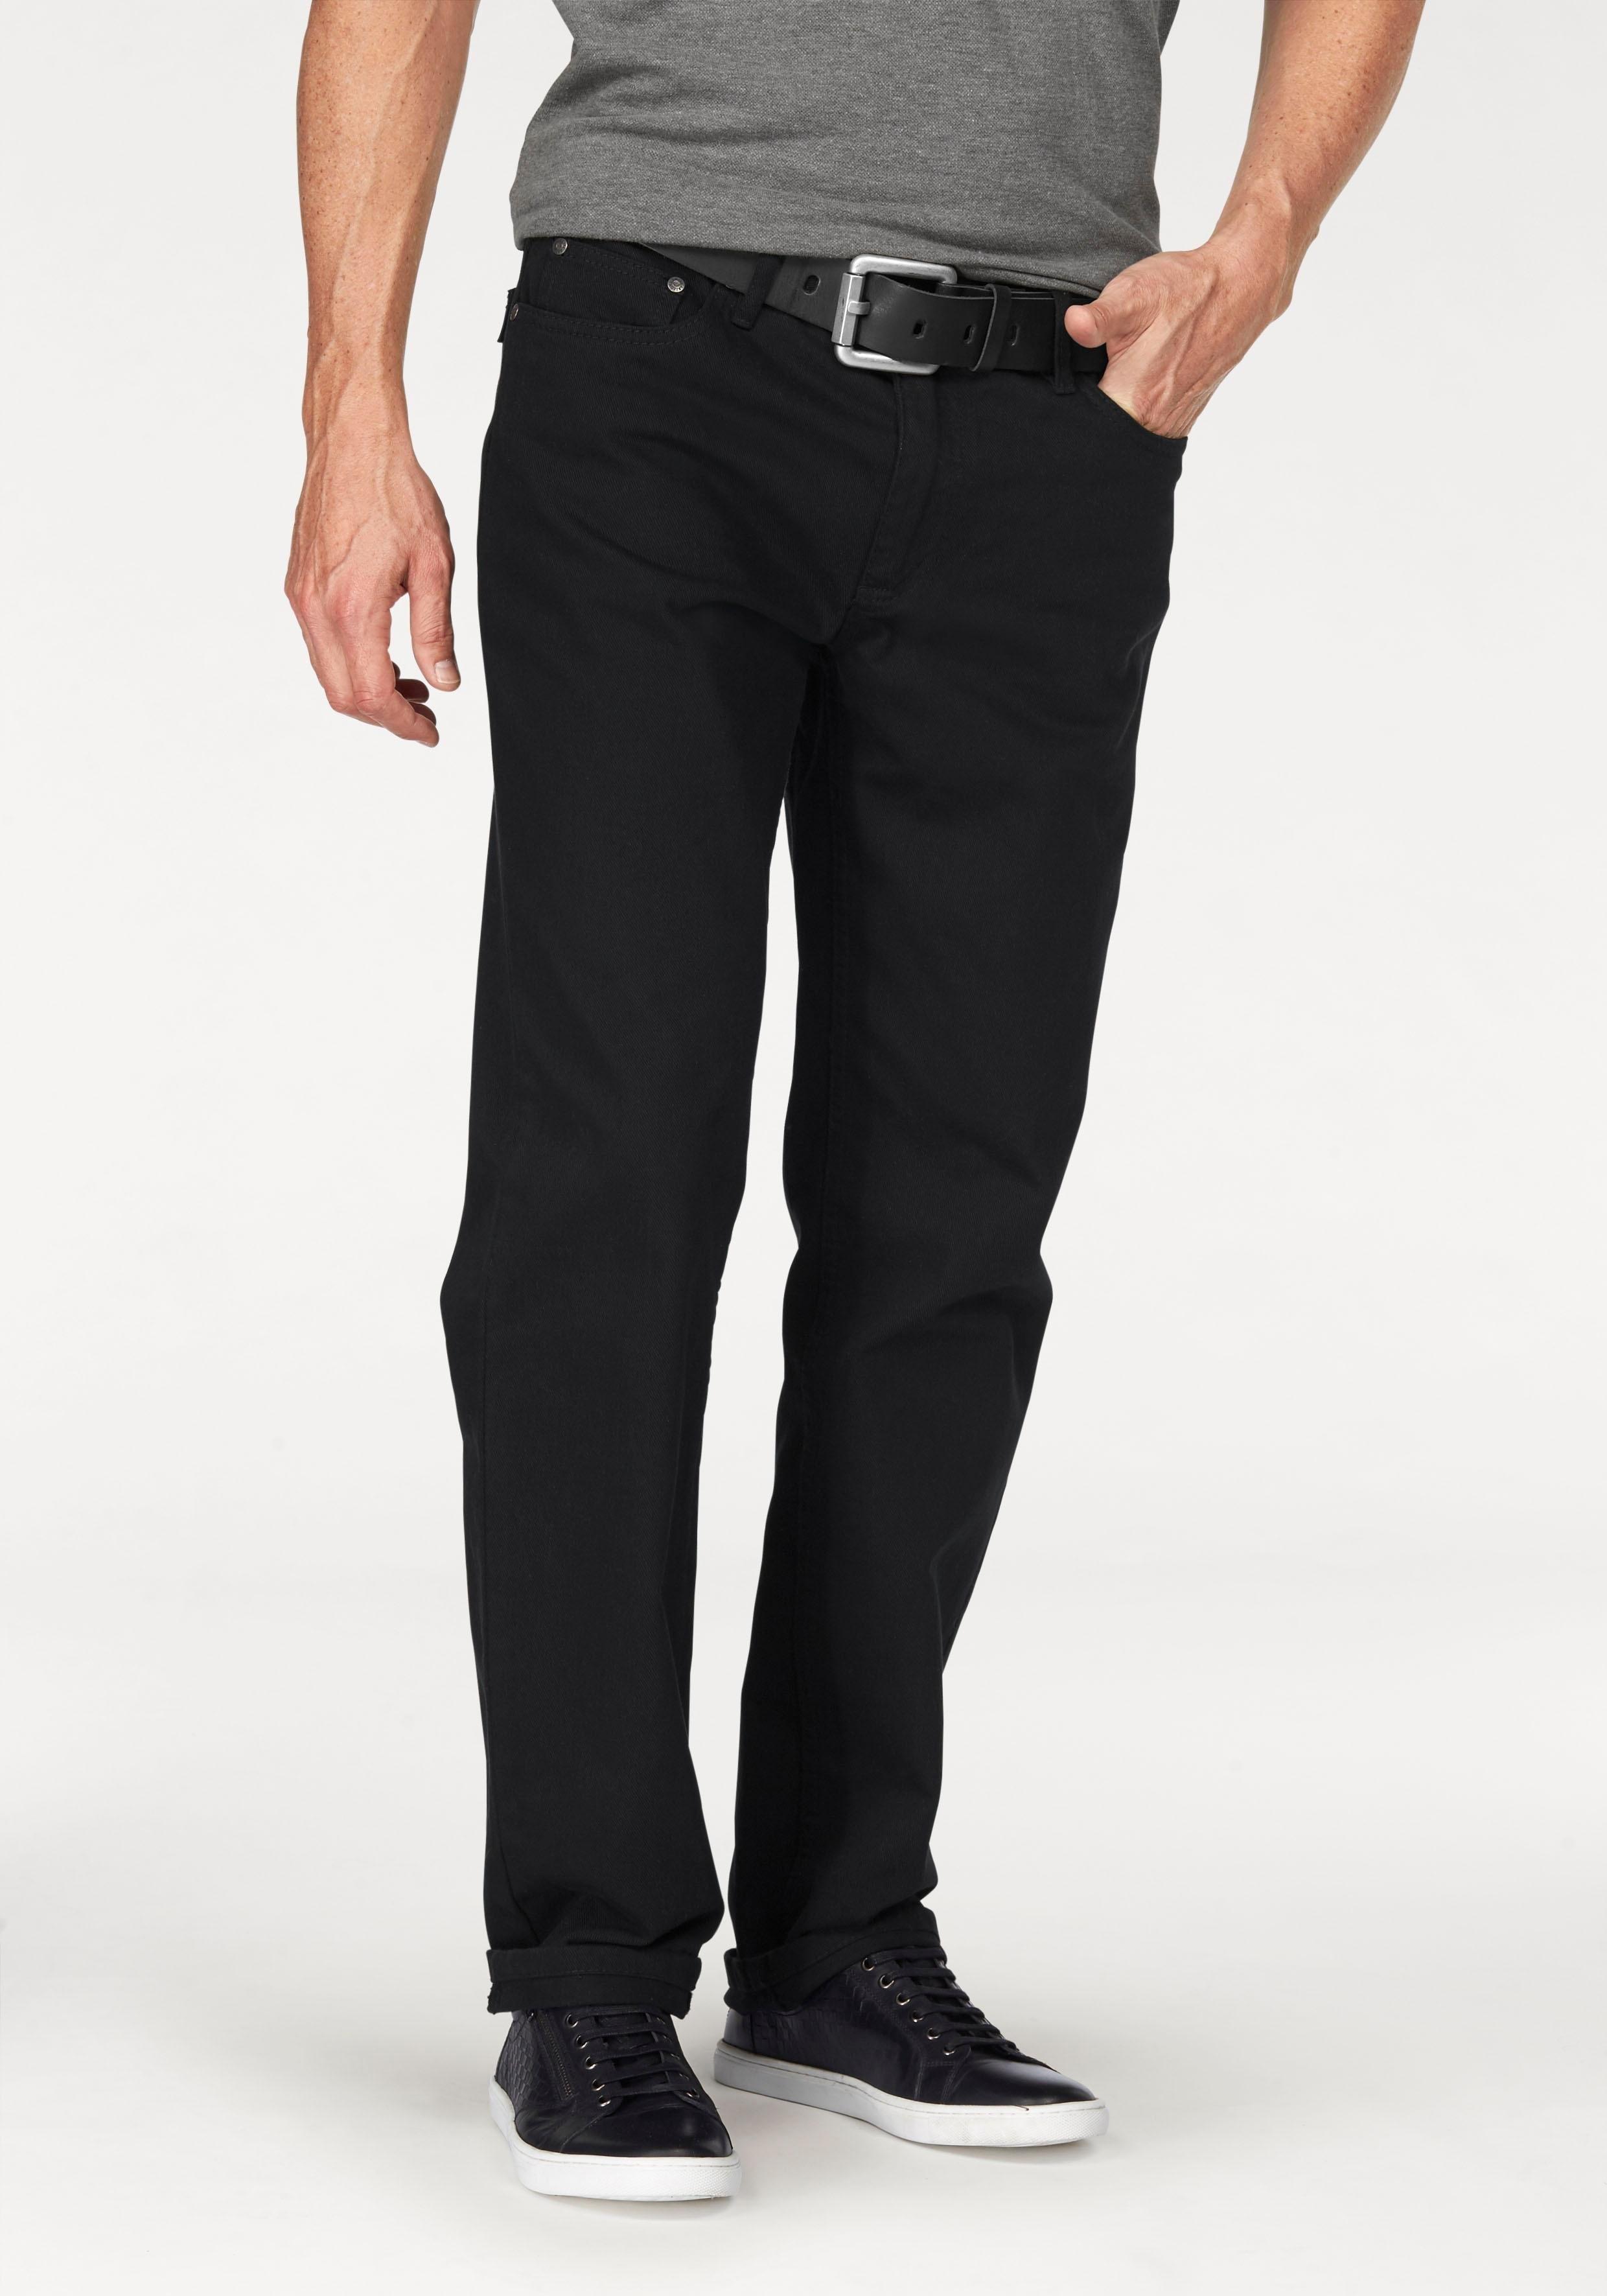 ARIZONA Jeans van puur katoen - verschillende betaalmethodes